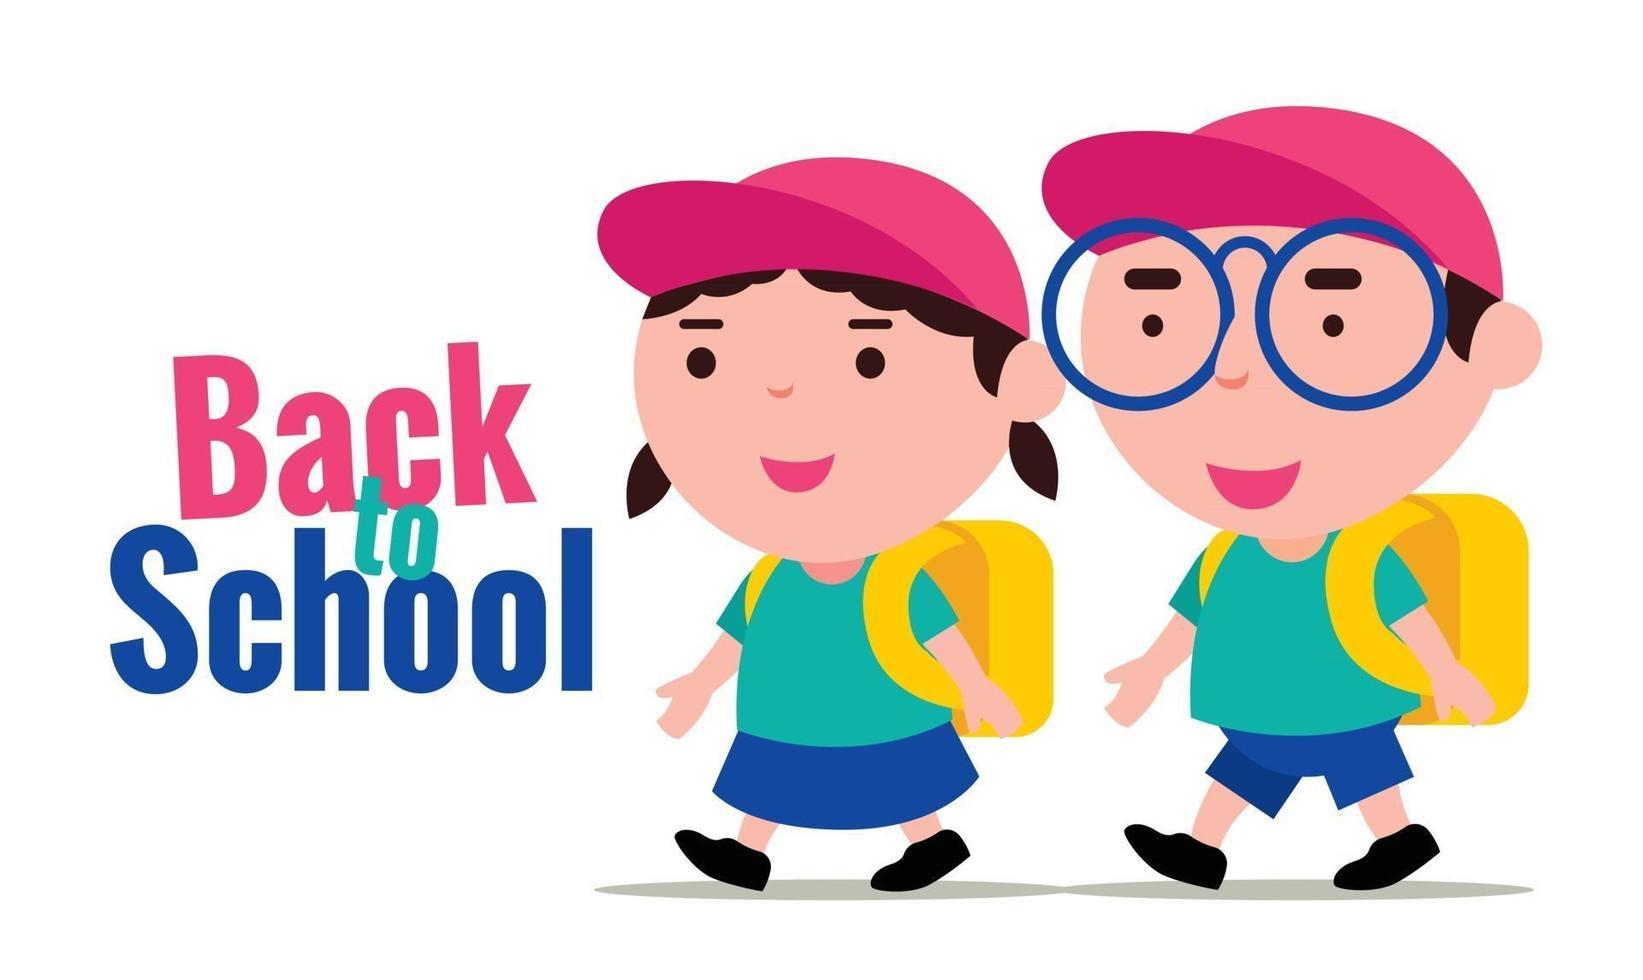 ragazzo e ragazza indossano uniformi scolastiche e tornano a scuola felicemente vettore